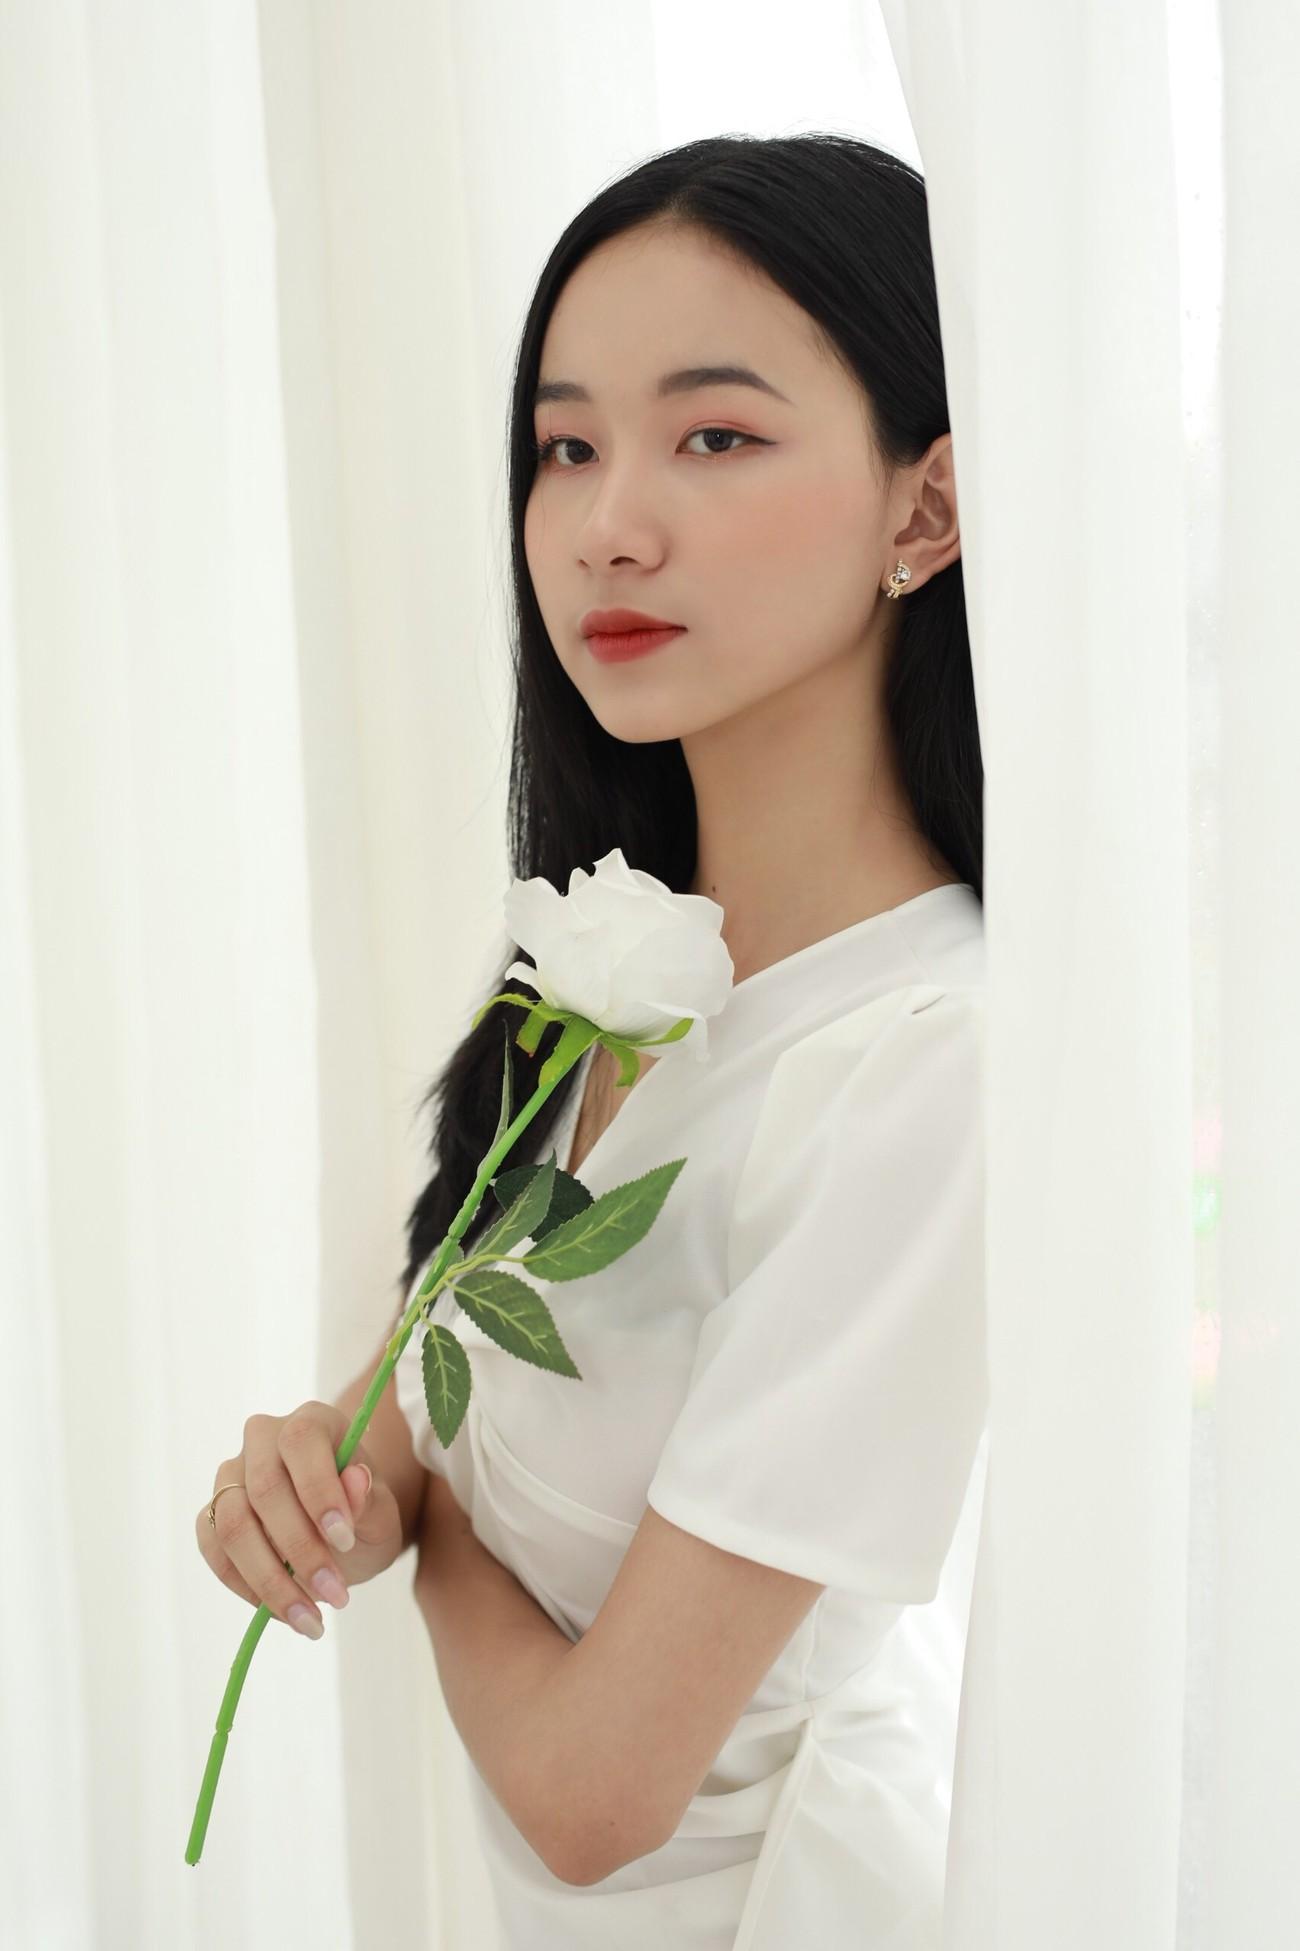 Người đẹp Cẩm Đan kiêu kỳ, Minh Anh xinh đẹp tựa nữ thần ảnh 18